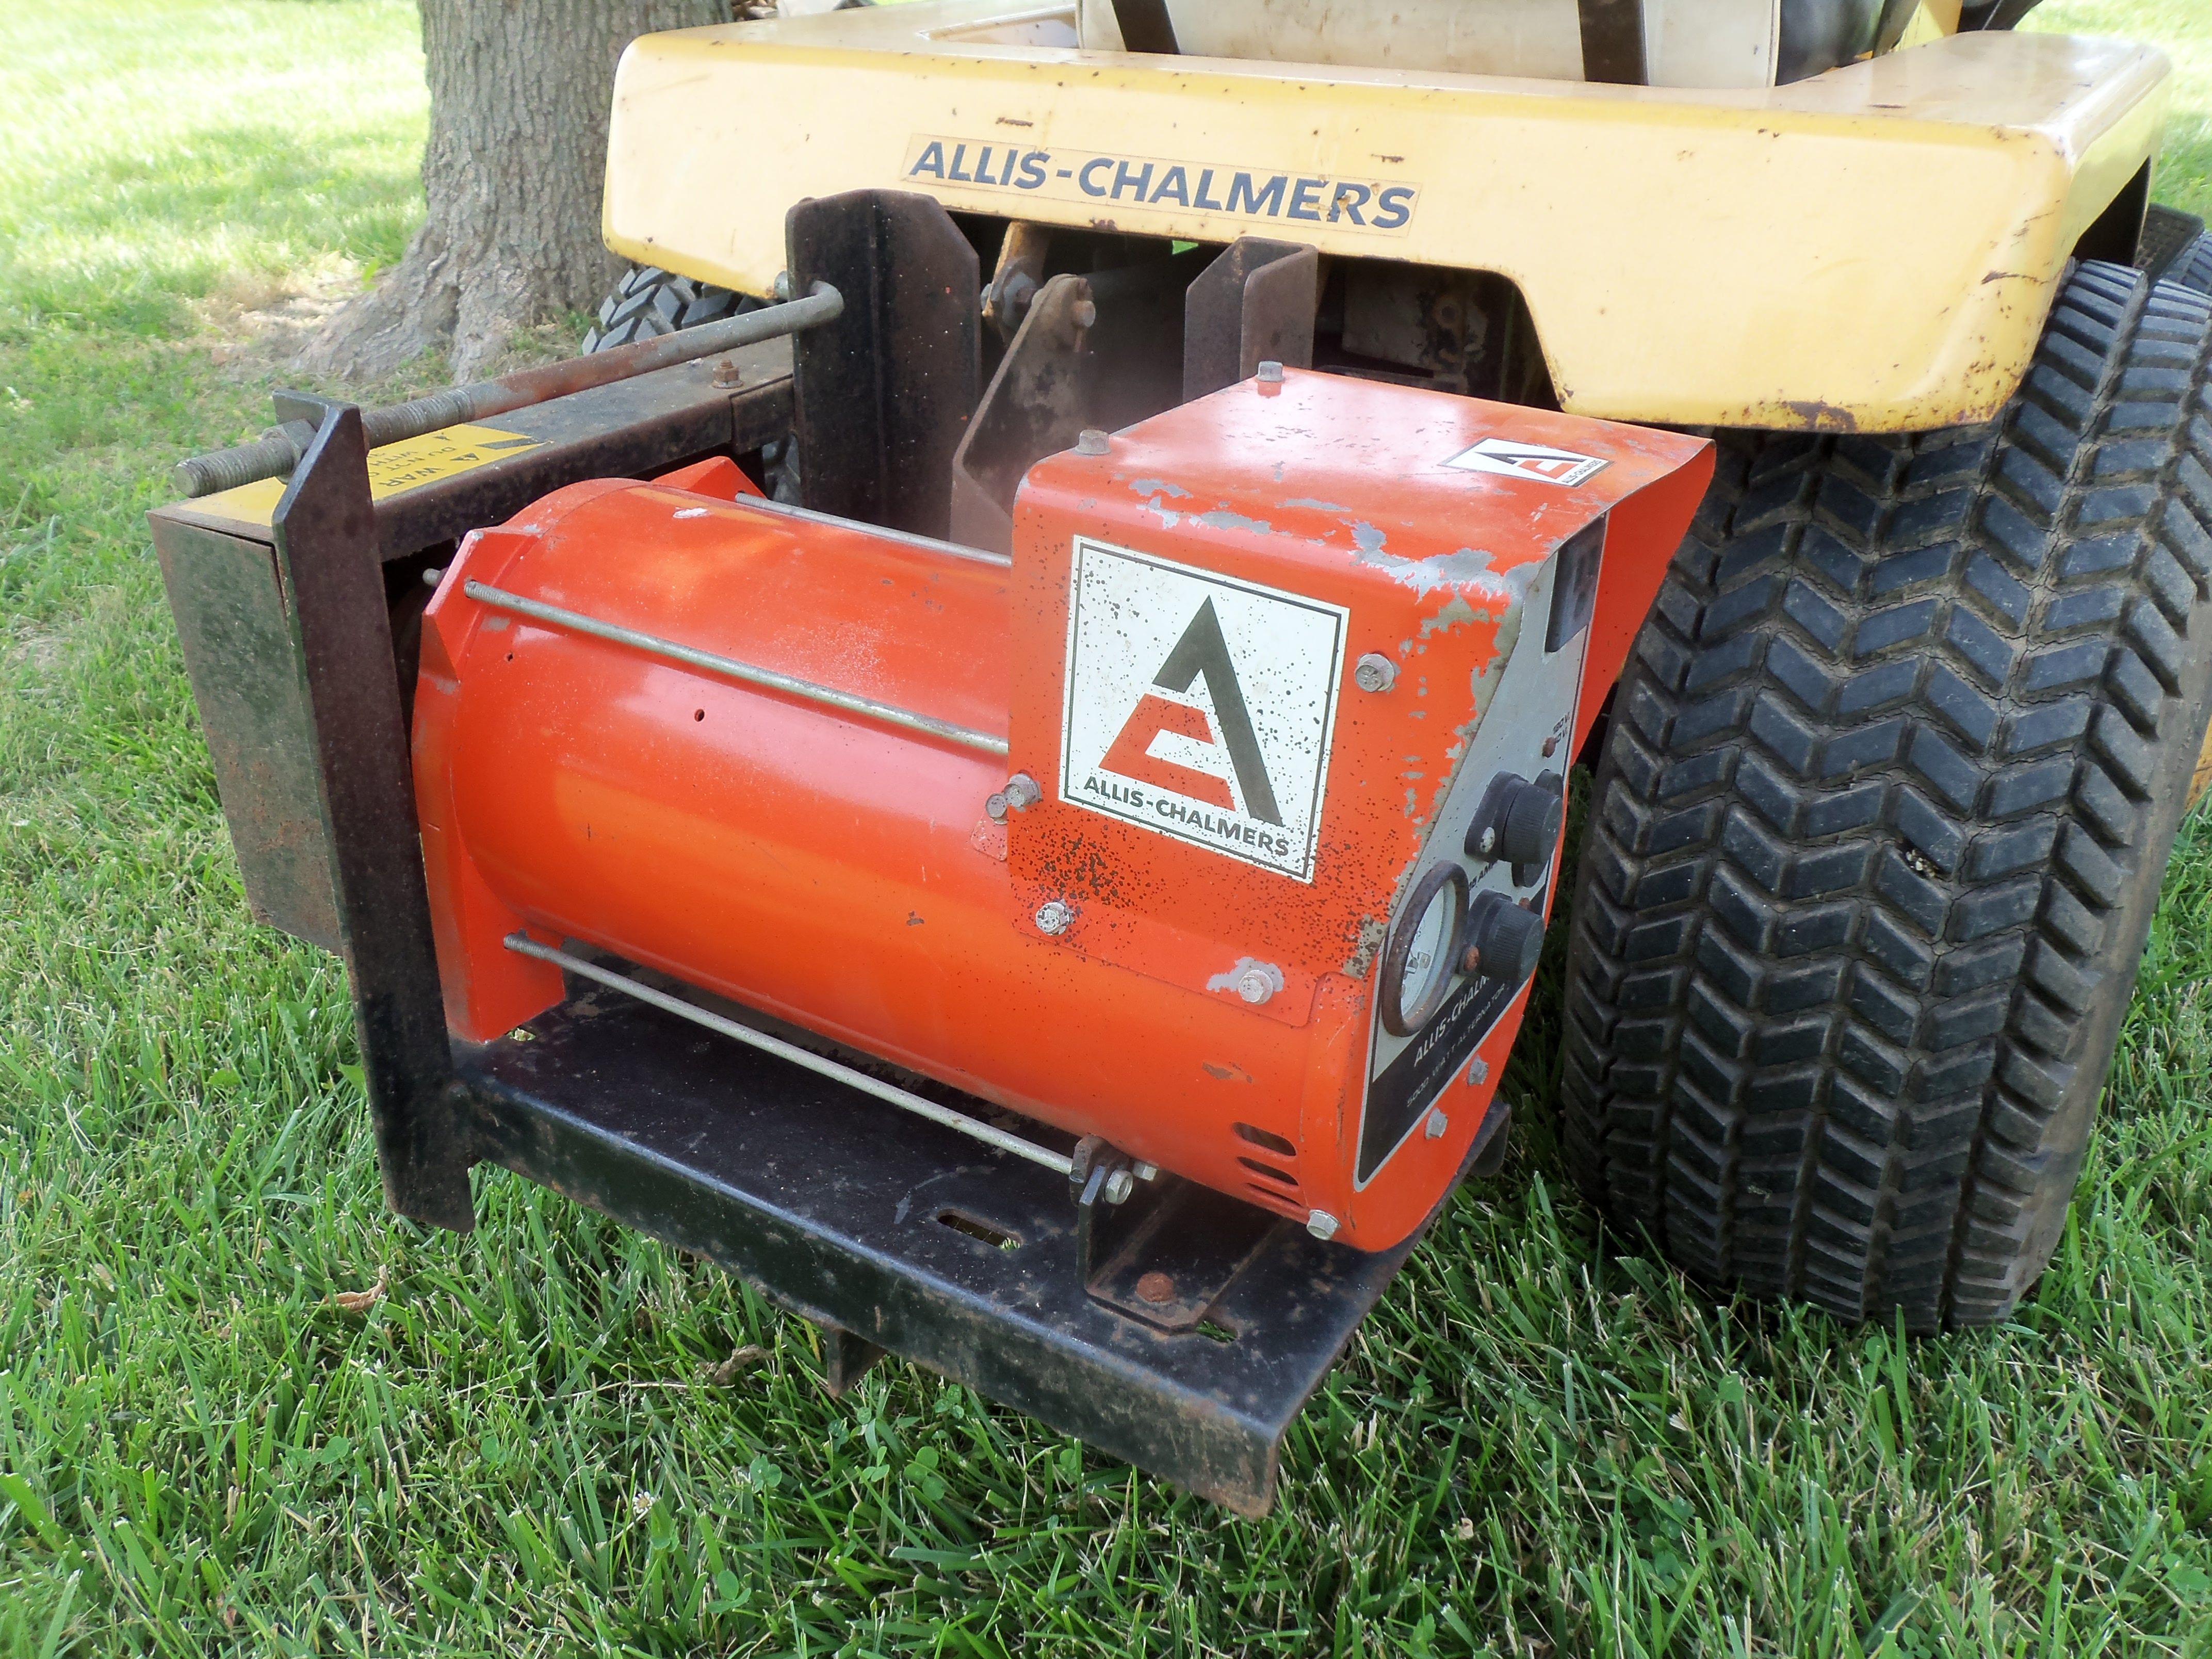 allis chalmers 620 garden tractor allis chalmers pinterest